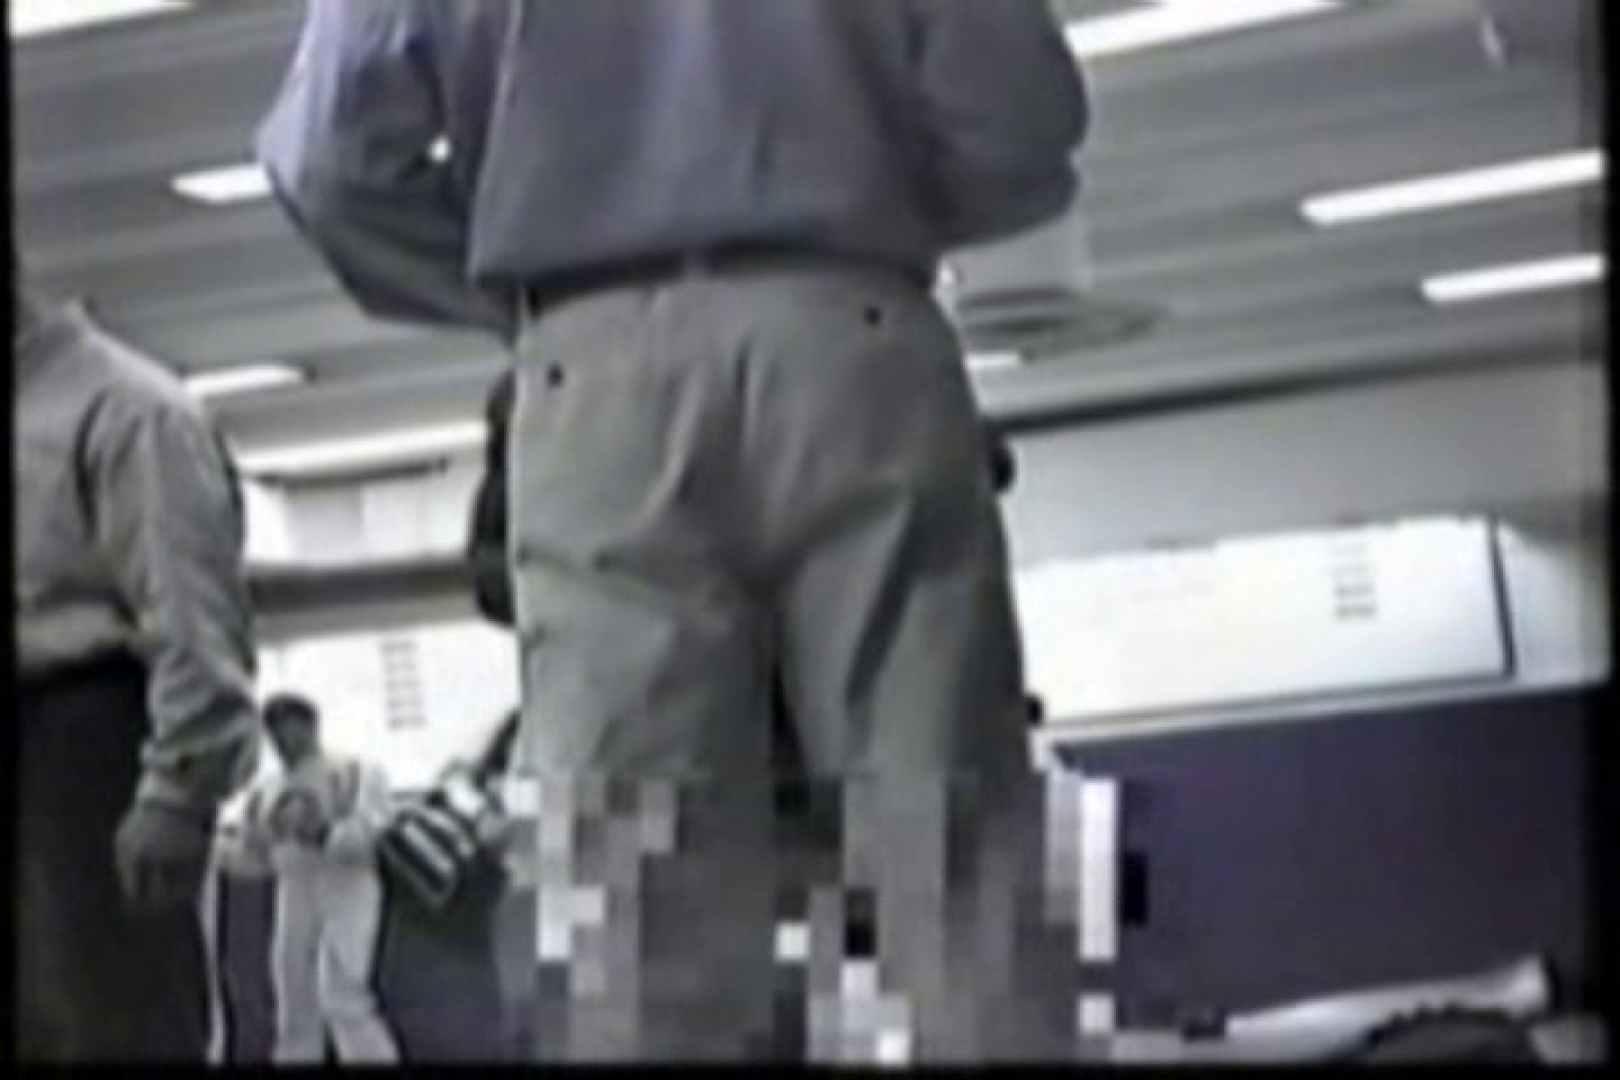 洋人さんの脱衣所を覗いてみました。VOL.8 のぞき   ガチムチマッチョ系  93pic 32